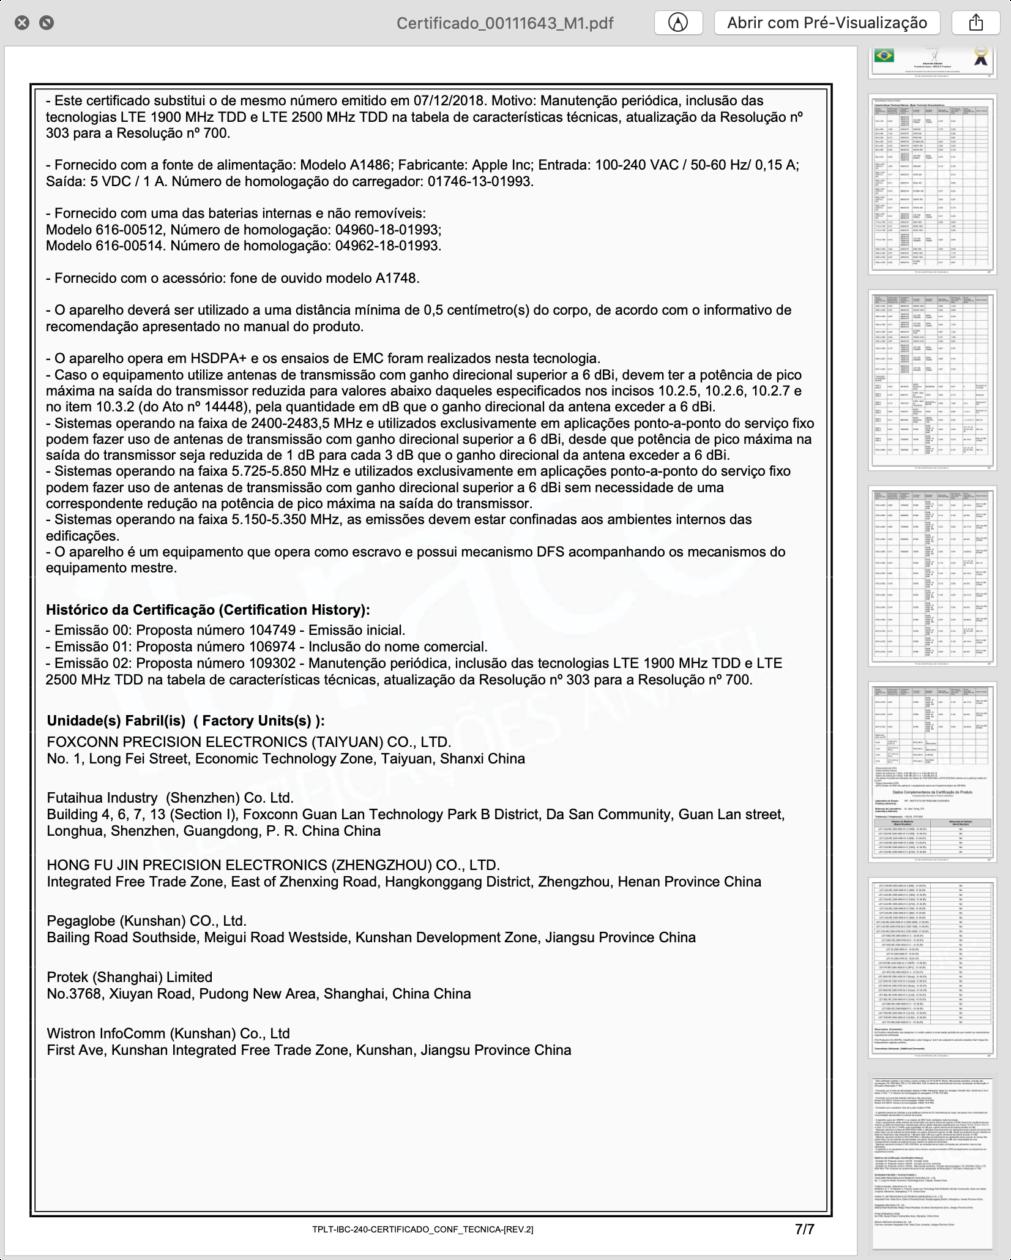 Certificado de Conformidade Técnica do iPhone XS